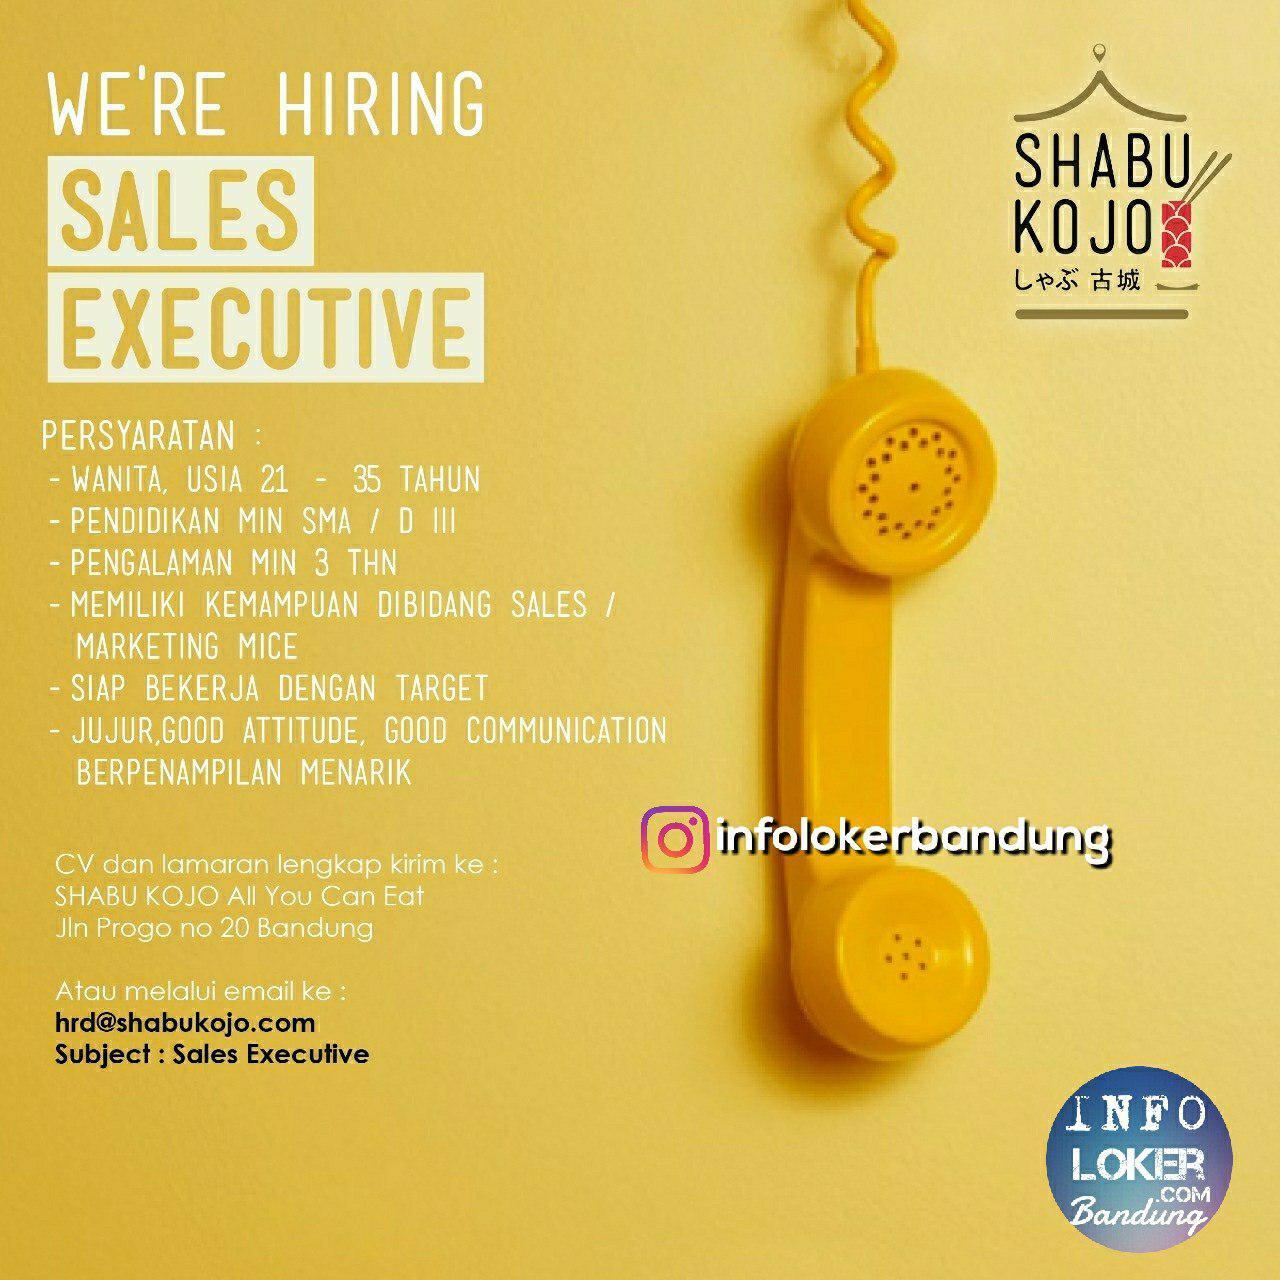 Lowongan Kerja Shabu Kojo Bandung Agustus 2018